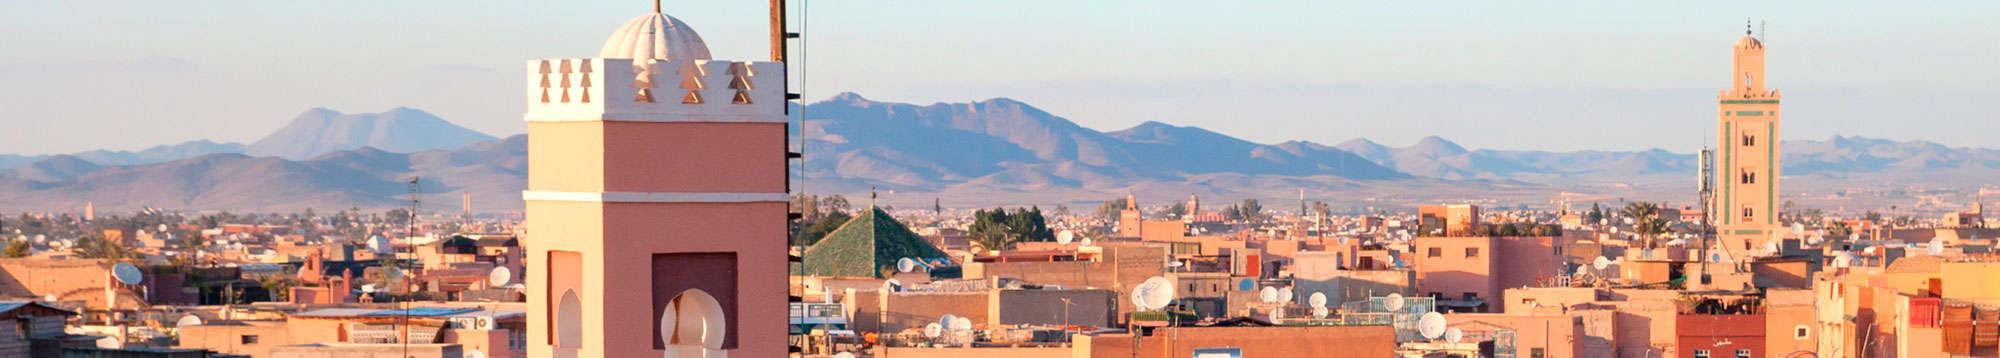 Escapadas fin de semana en Marrakech-Safi